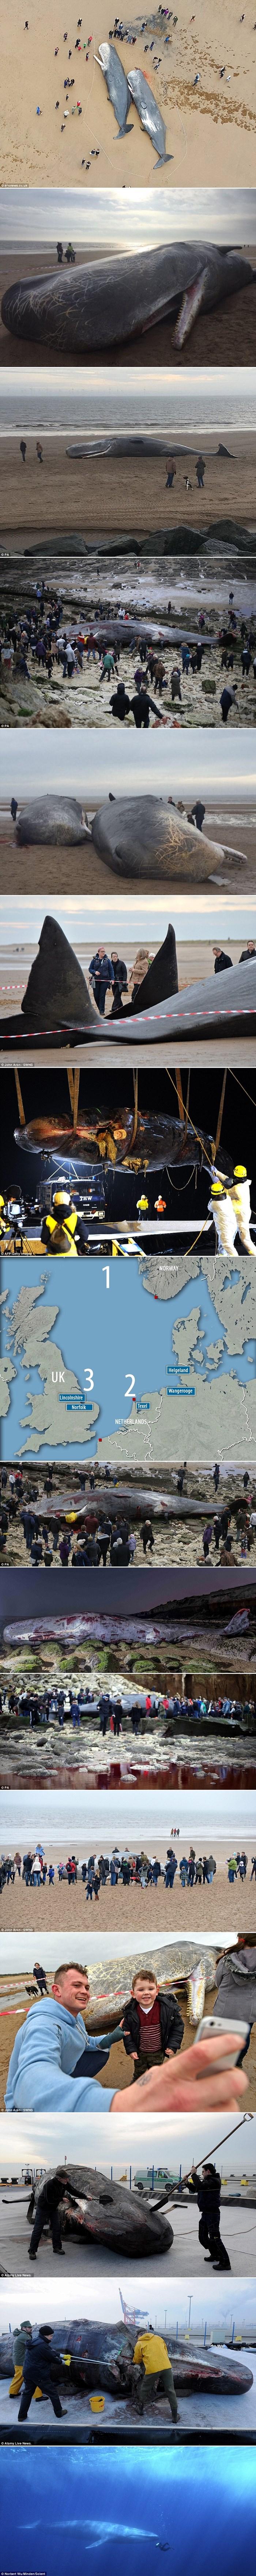 Gomila ulješura se nasukala diljem Sjevernog mora i nitko ne zna zašto, pogledajte fotografije